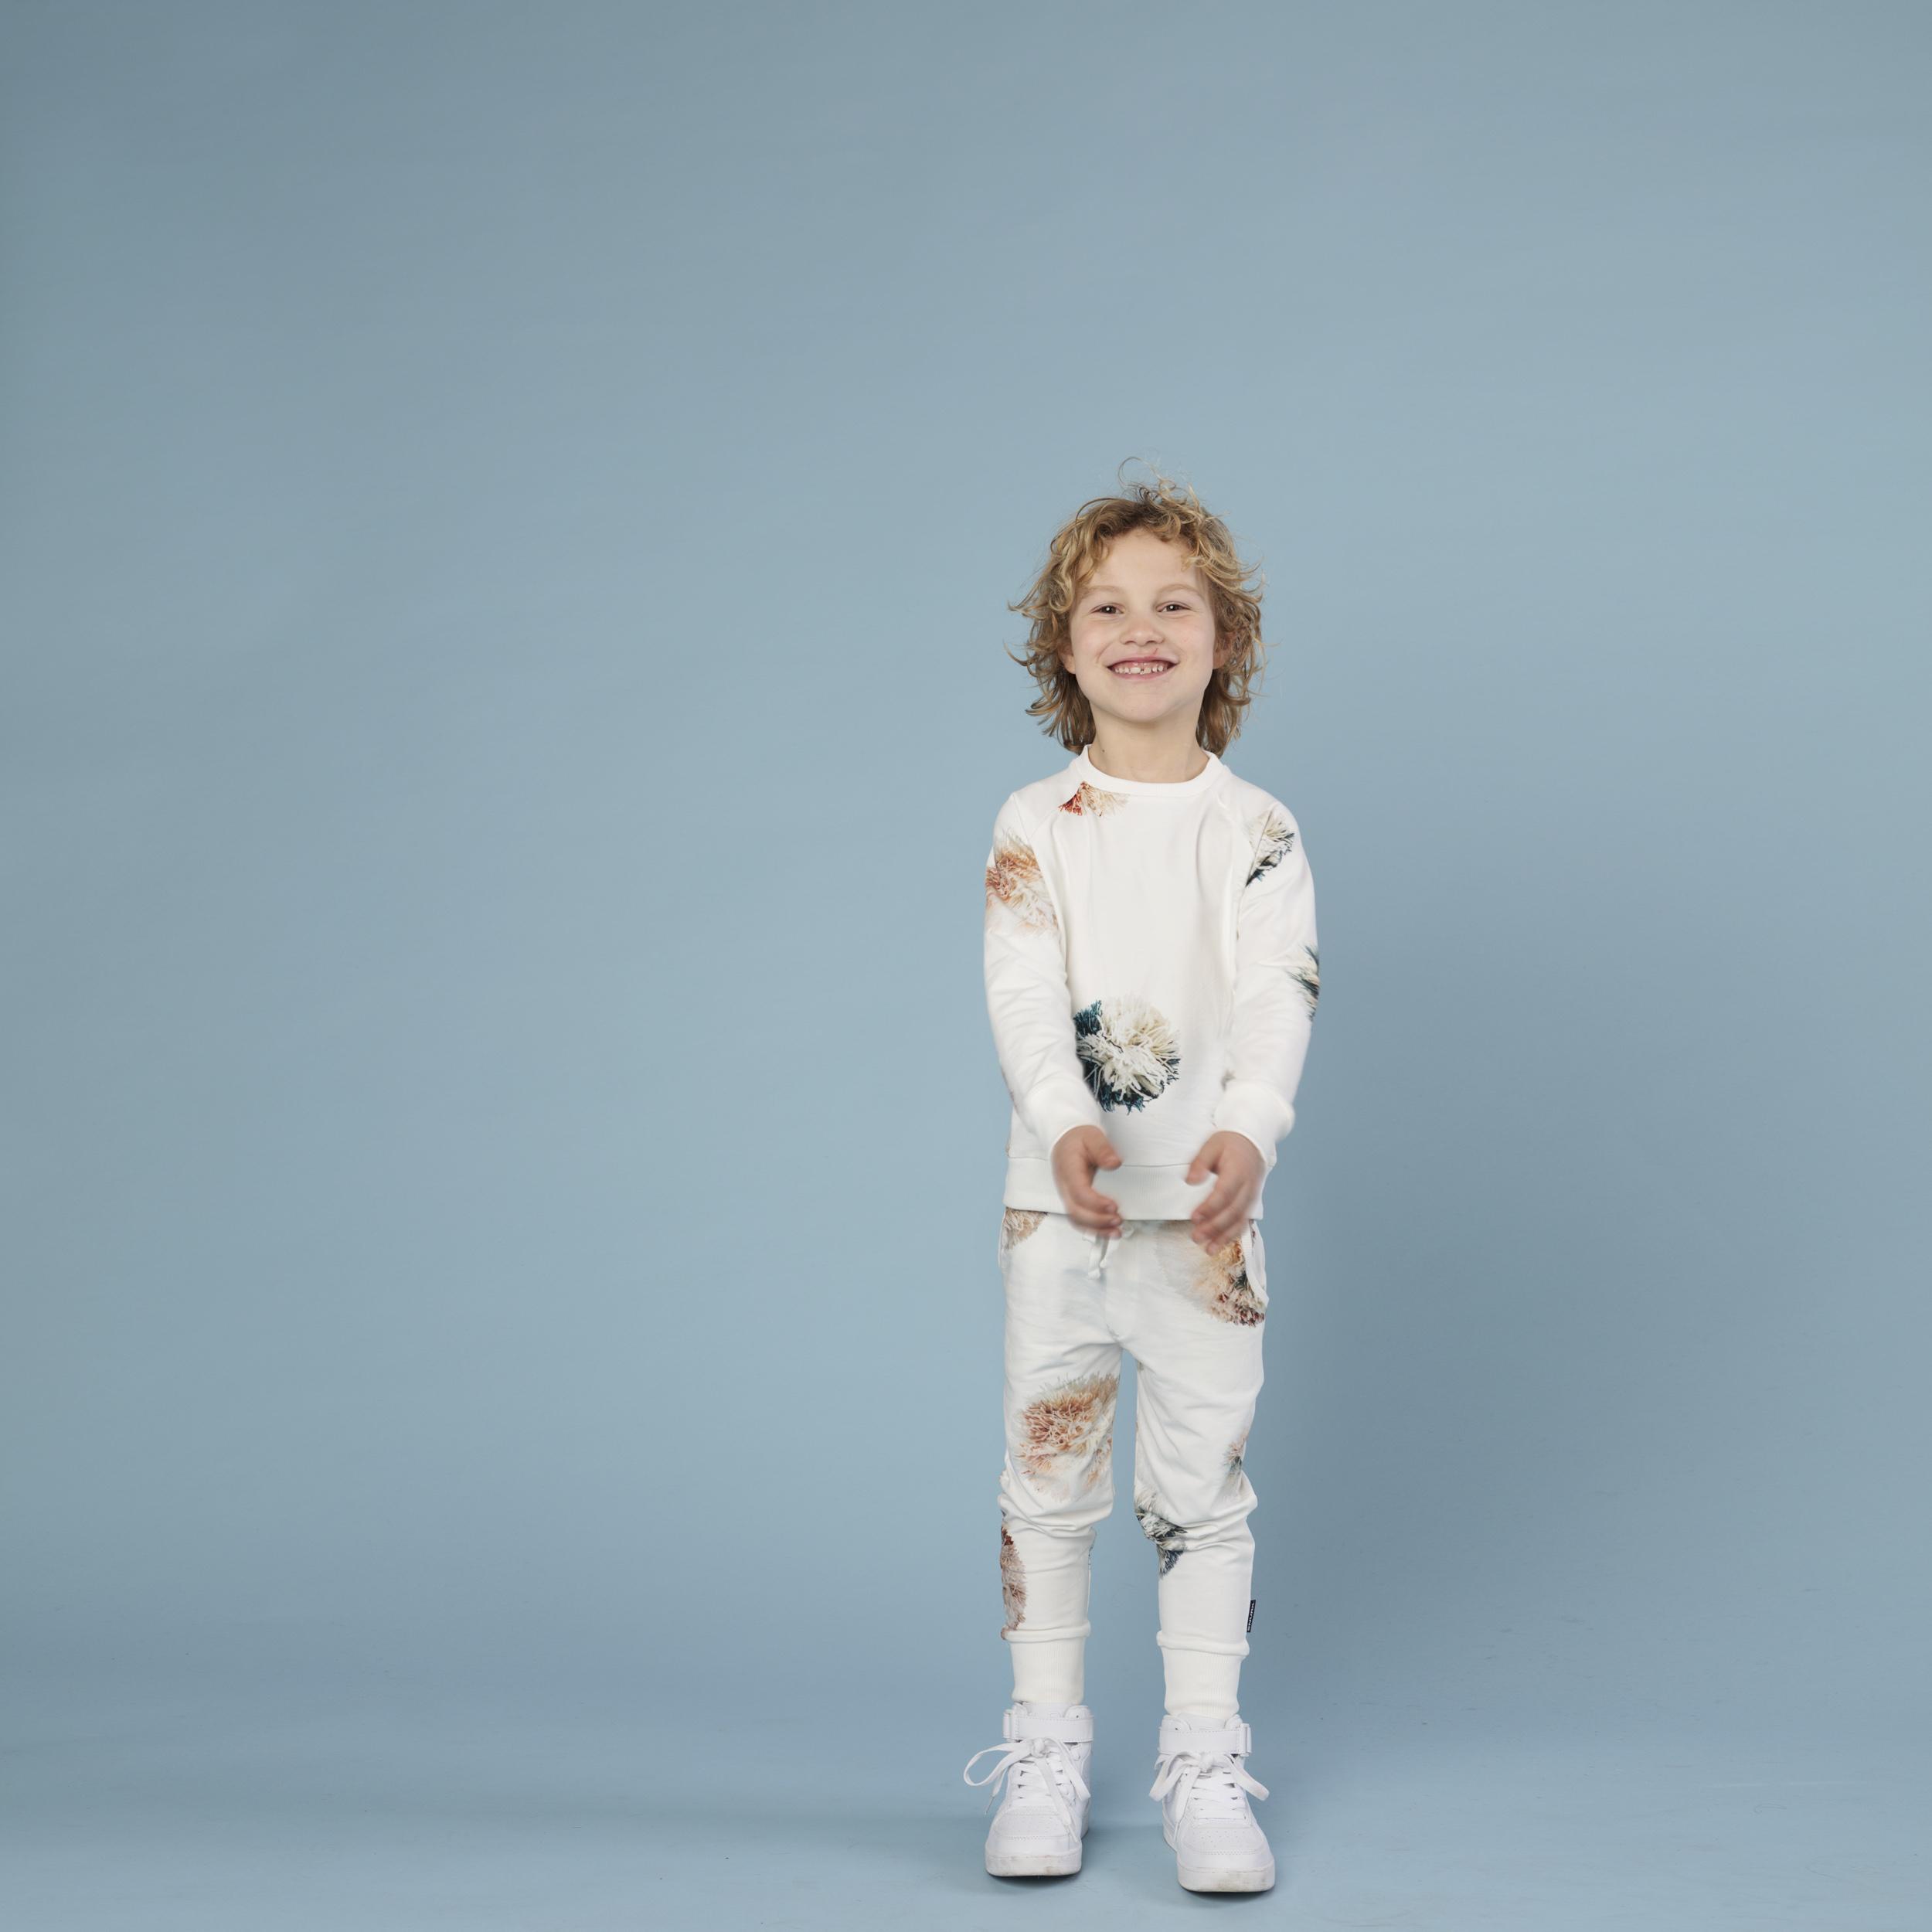 Свитер и штаны для мальчиков Помпон (11-12 лет) фото